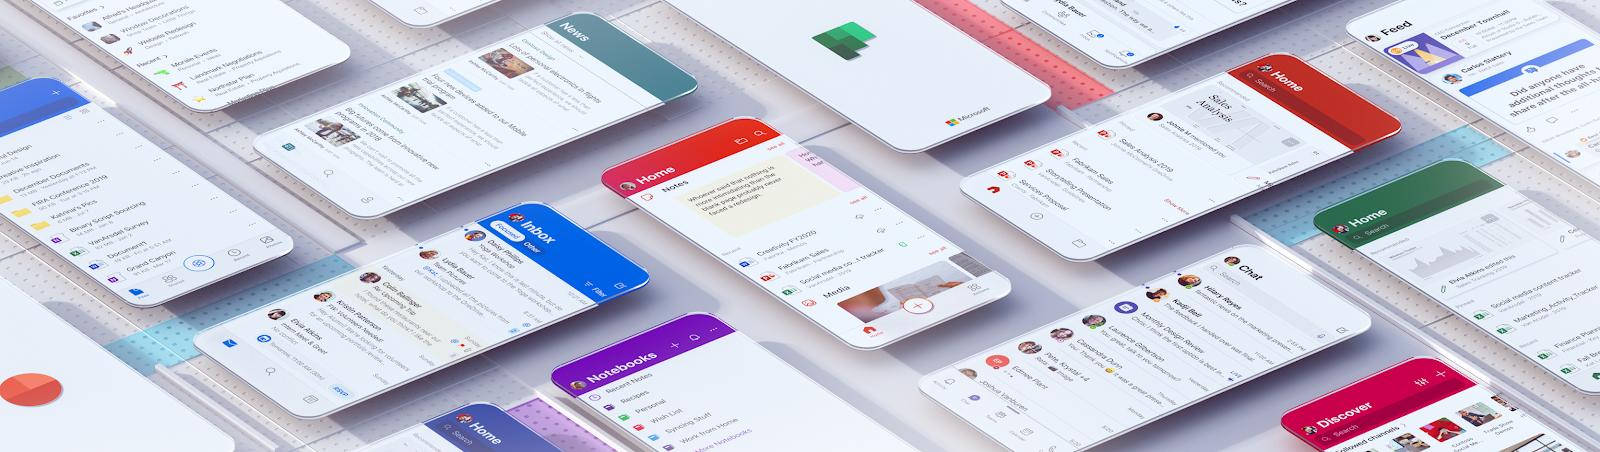 App-Microsoft-android-ios-fluent-design